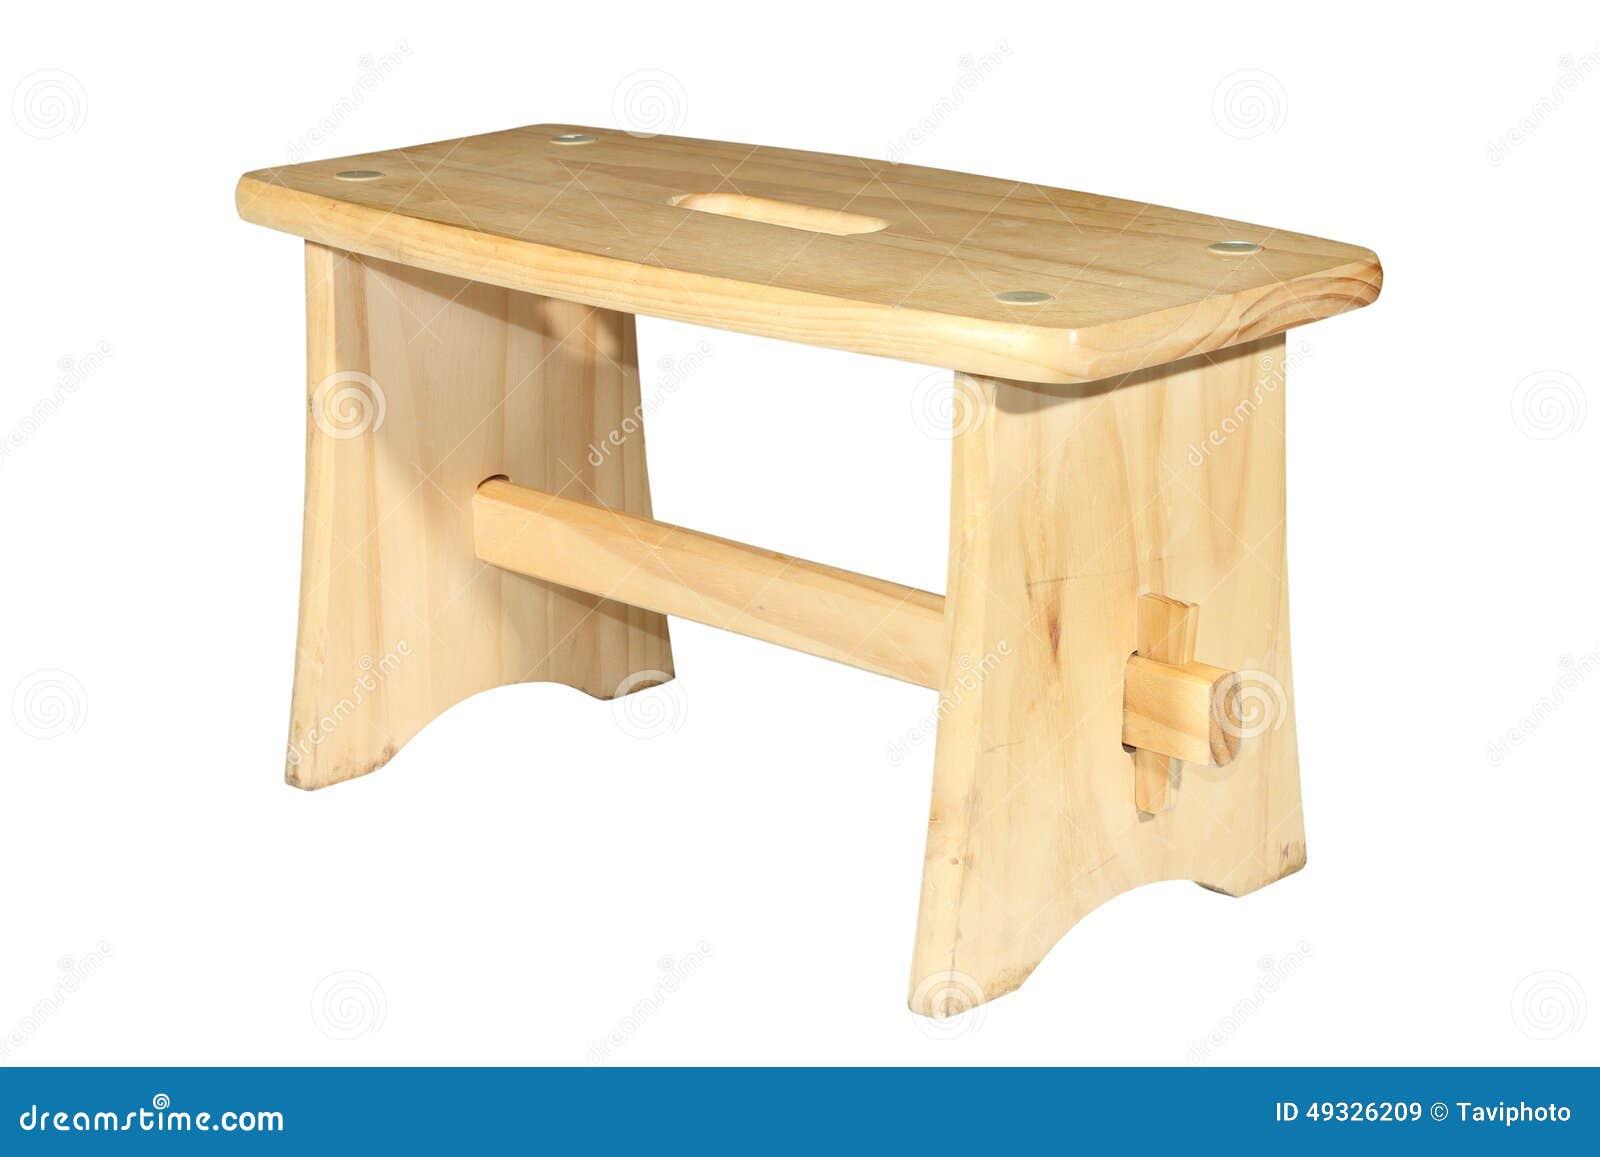 petite chaise traditionnelle en bois d 39 isolement image. Black Bedroom Furniture Sets. Home Design Ideas